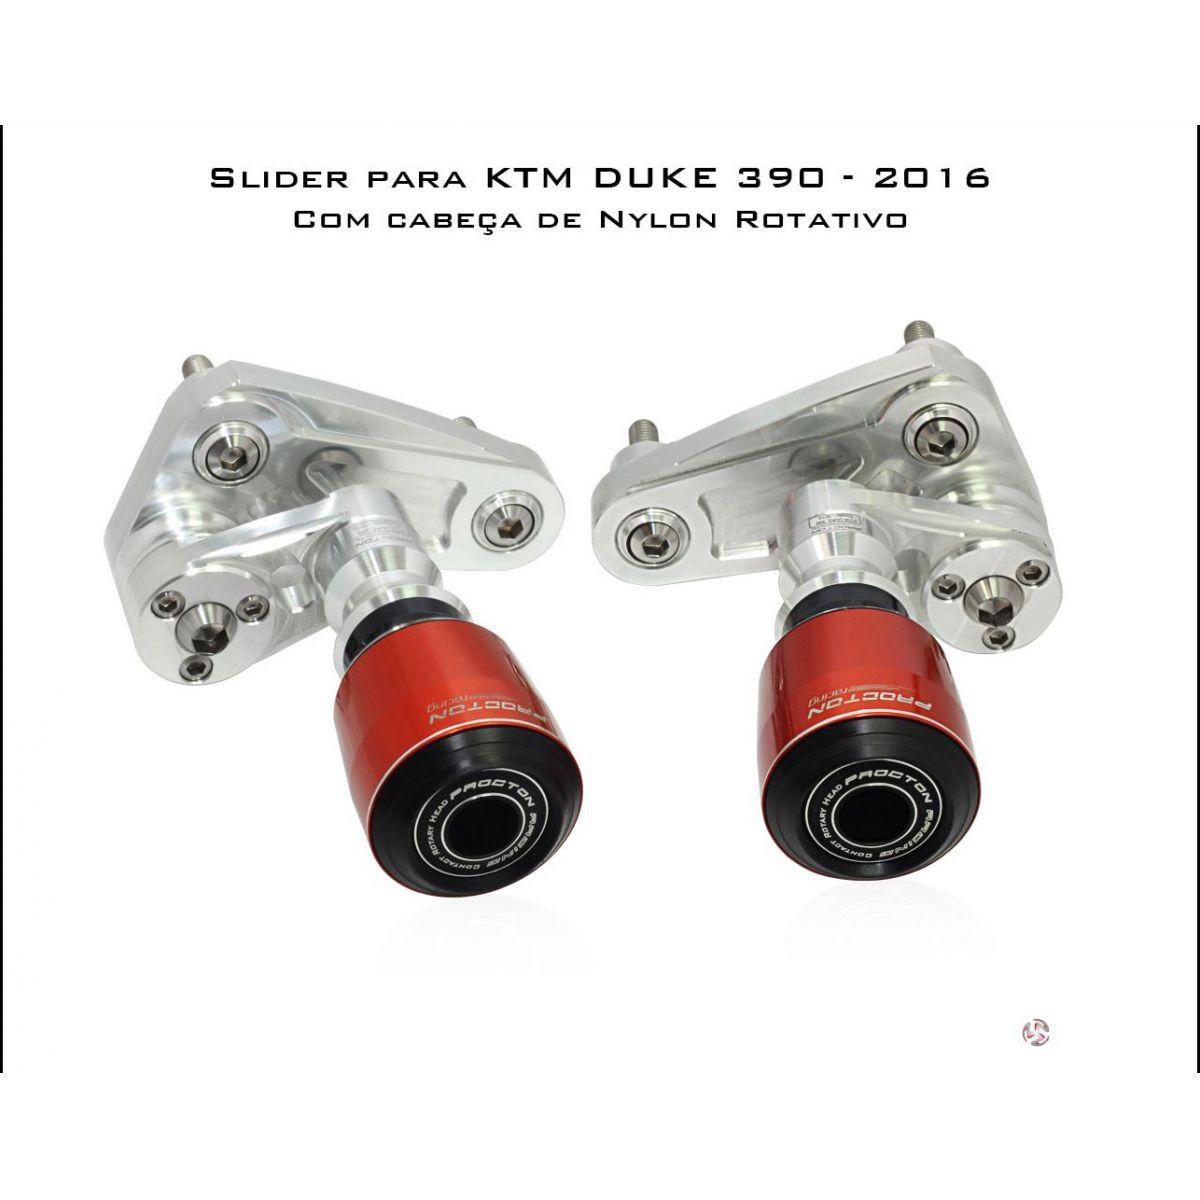 Slider Dianteiro Procton com Amortecimento p/ DUKE 200/390 - 15/17 ( NYLON ROTATIVO)  - Nova Suzuki Motos e Acessórios